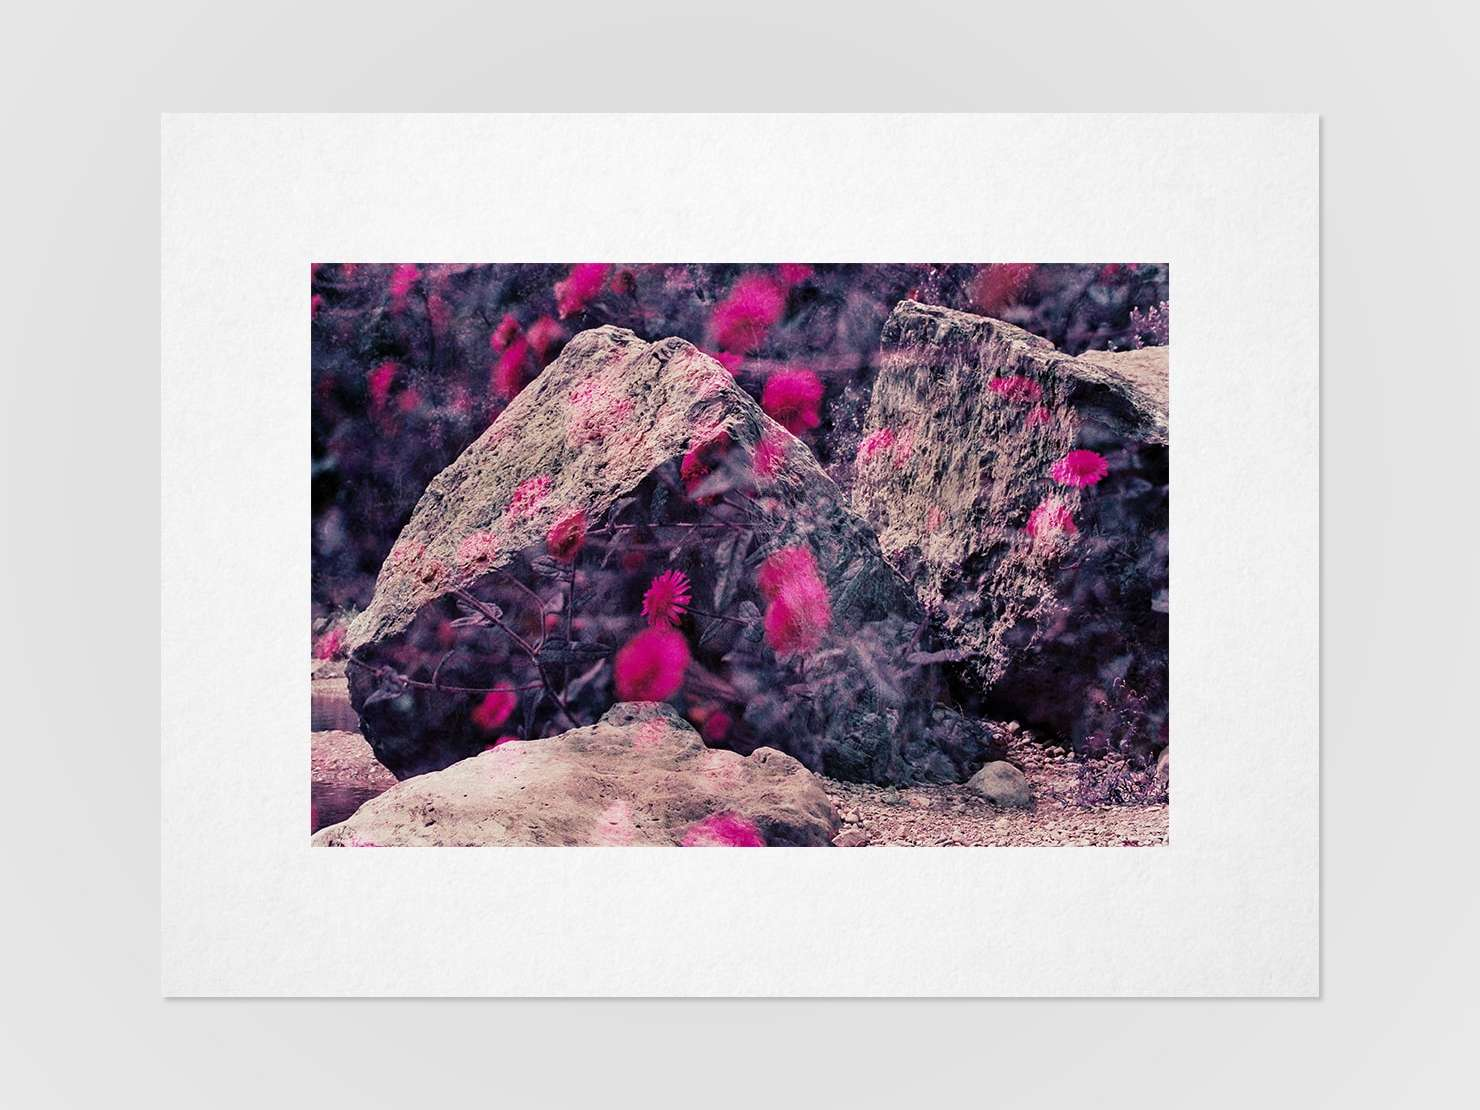 Druckansicht: Mehrfachbelichtung von Steinen und Gänseblümchen auf einem Purplechrome Film